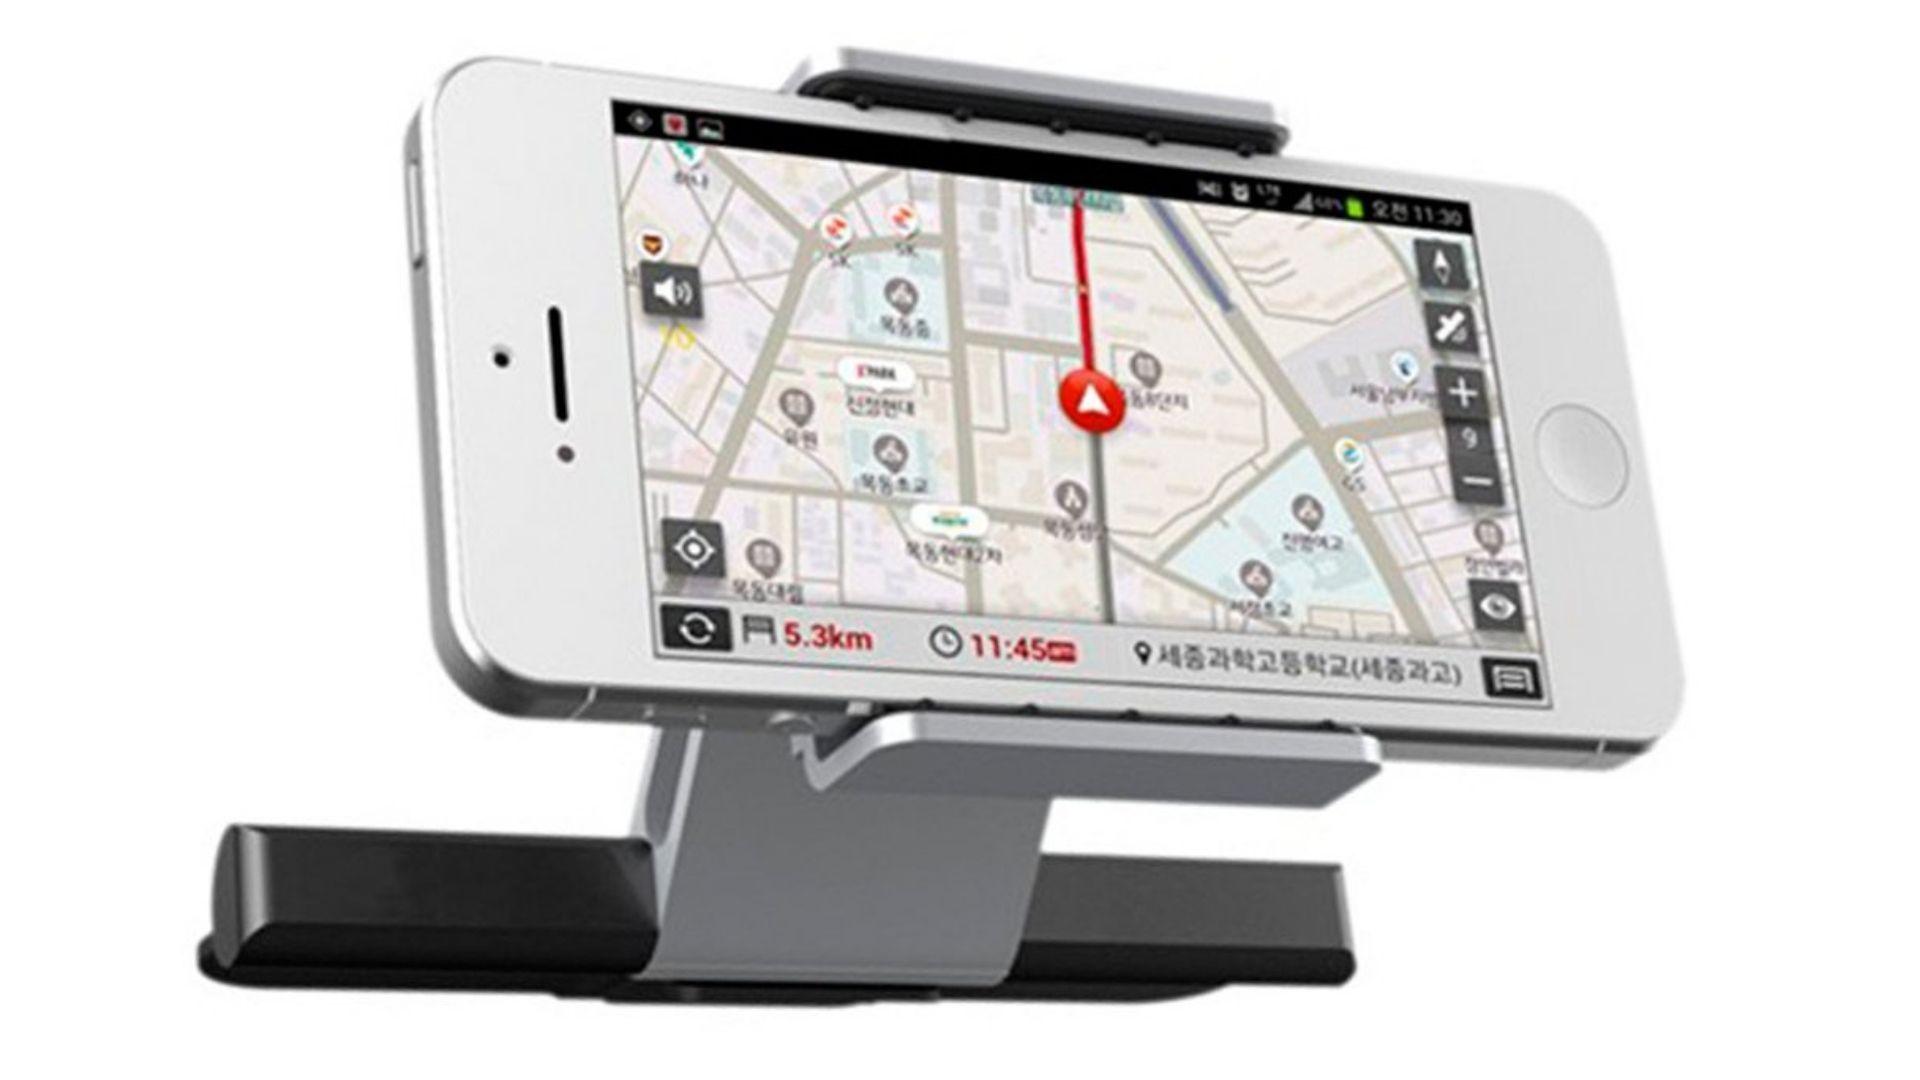 Suporte de celular para carro com iPhone branco acoplado em fundo branco